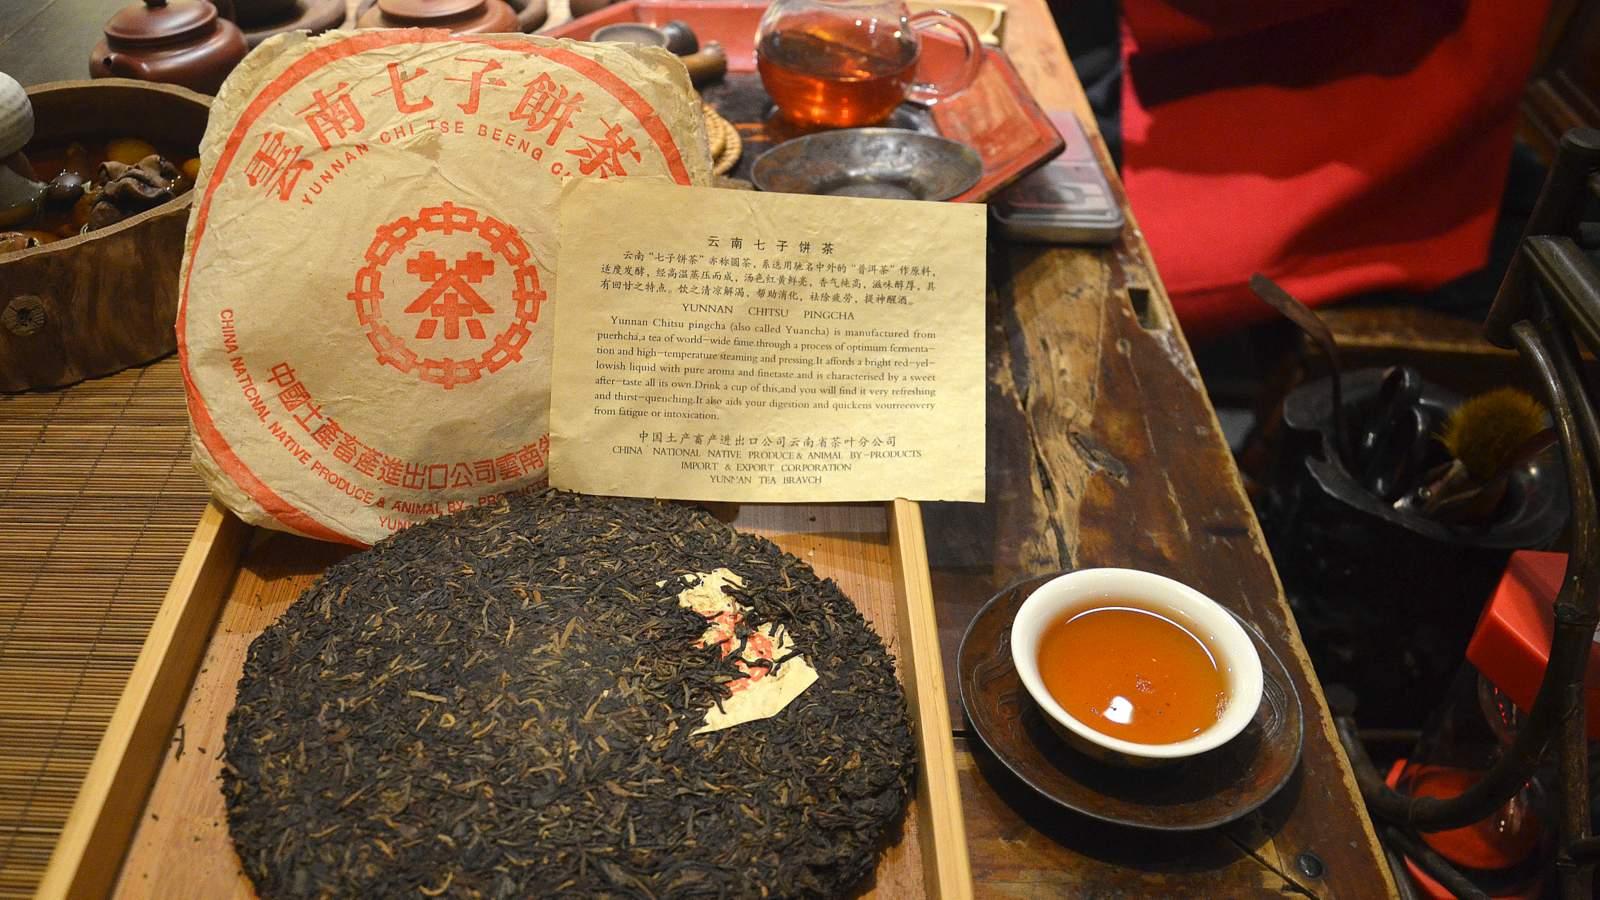 CNNP raw Pu-erh blend 7542, red label from 1996 of Menghai tea factory, wide (24).JPG